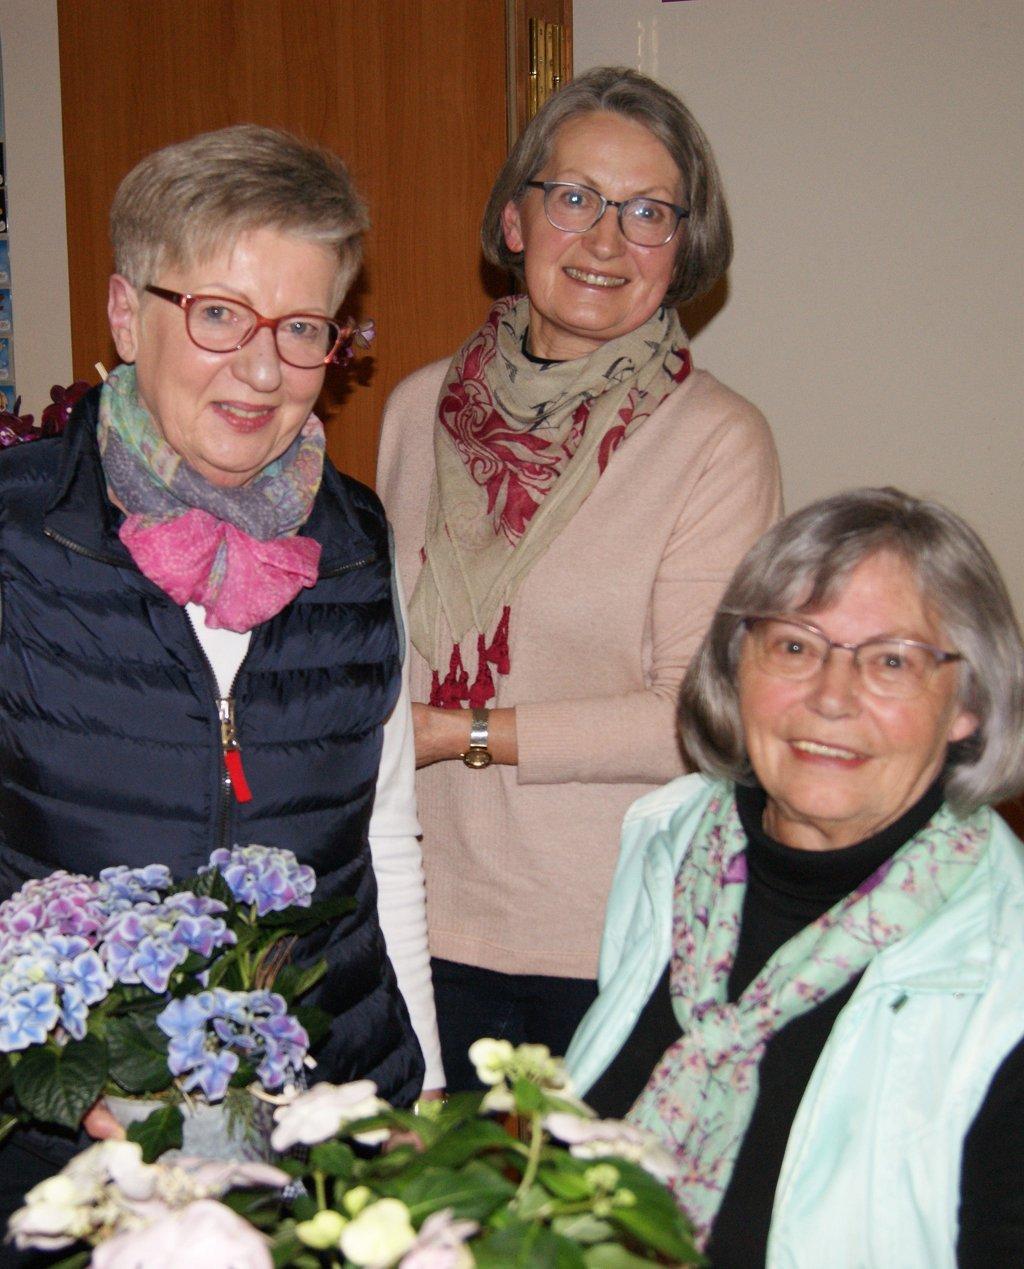 Dank den drei Damen, die unermüdlich die Staufer Kirche, die Kapelle schmücken und Informationszettel des OGV austragen